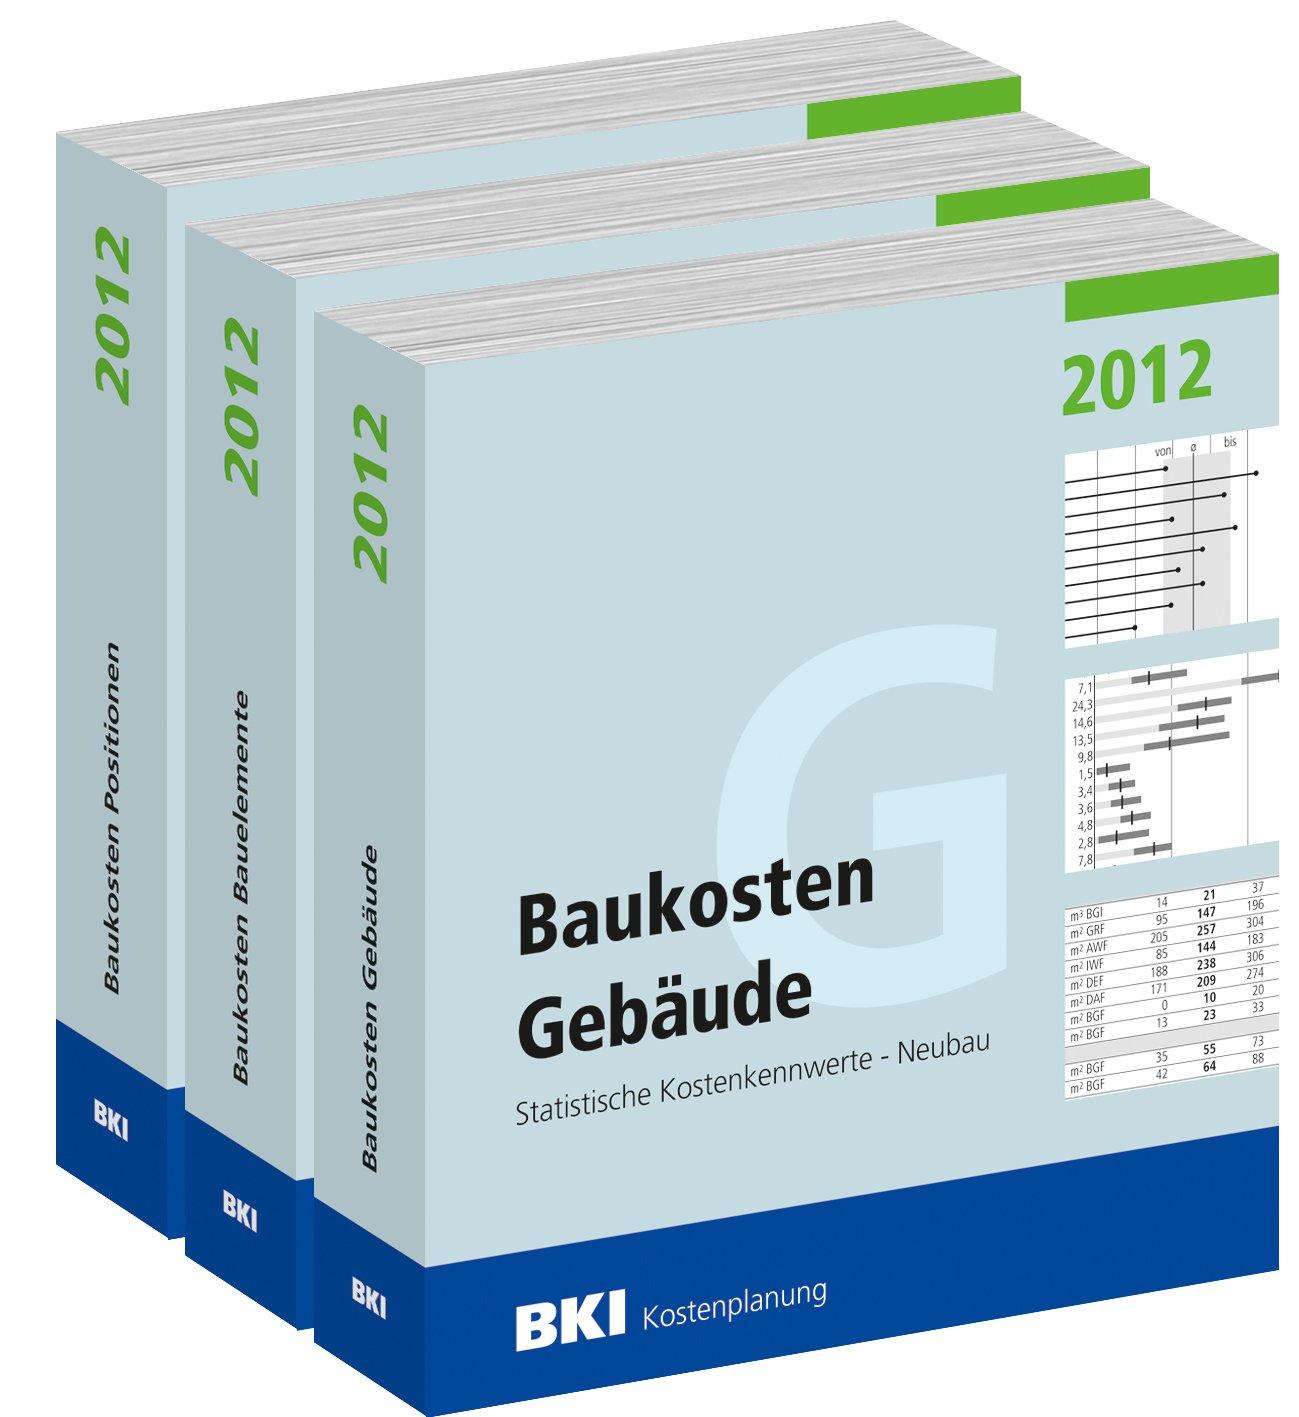 Baukosten Gebäude + Bauelemente + Positionen 2012: Statistische Kostenkennwerte Teil 1 + Teil 2 + Teil 3